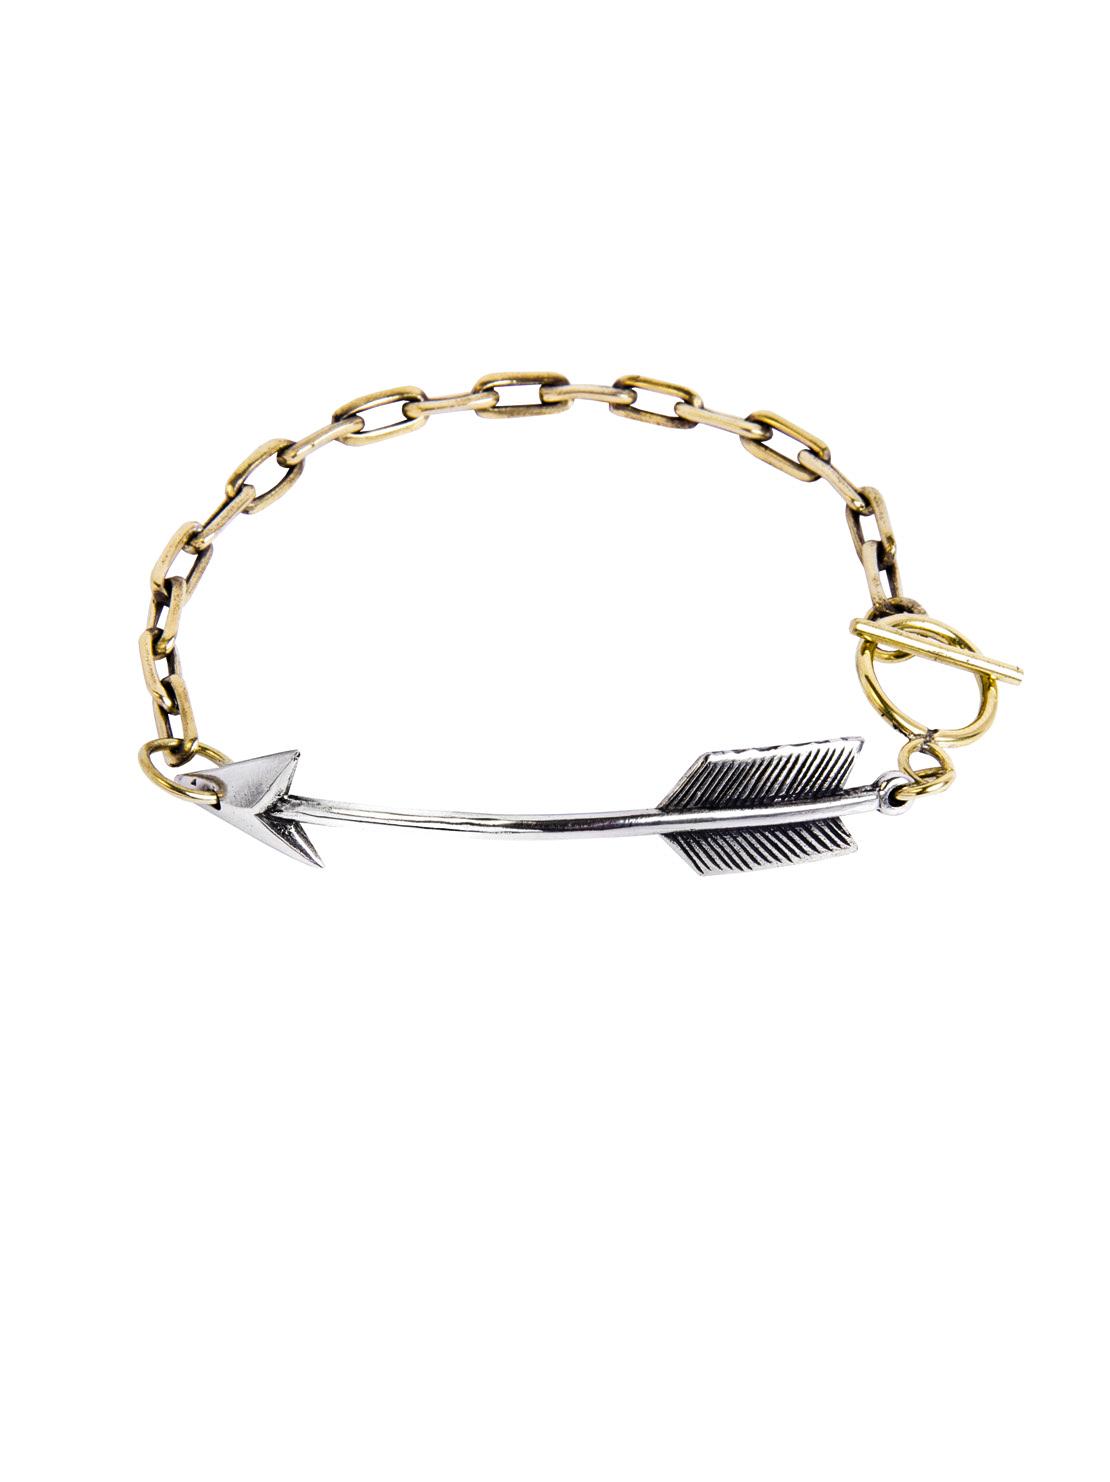 Brass Chain Bracelet With Silver Arrow